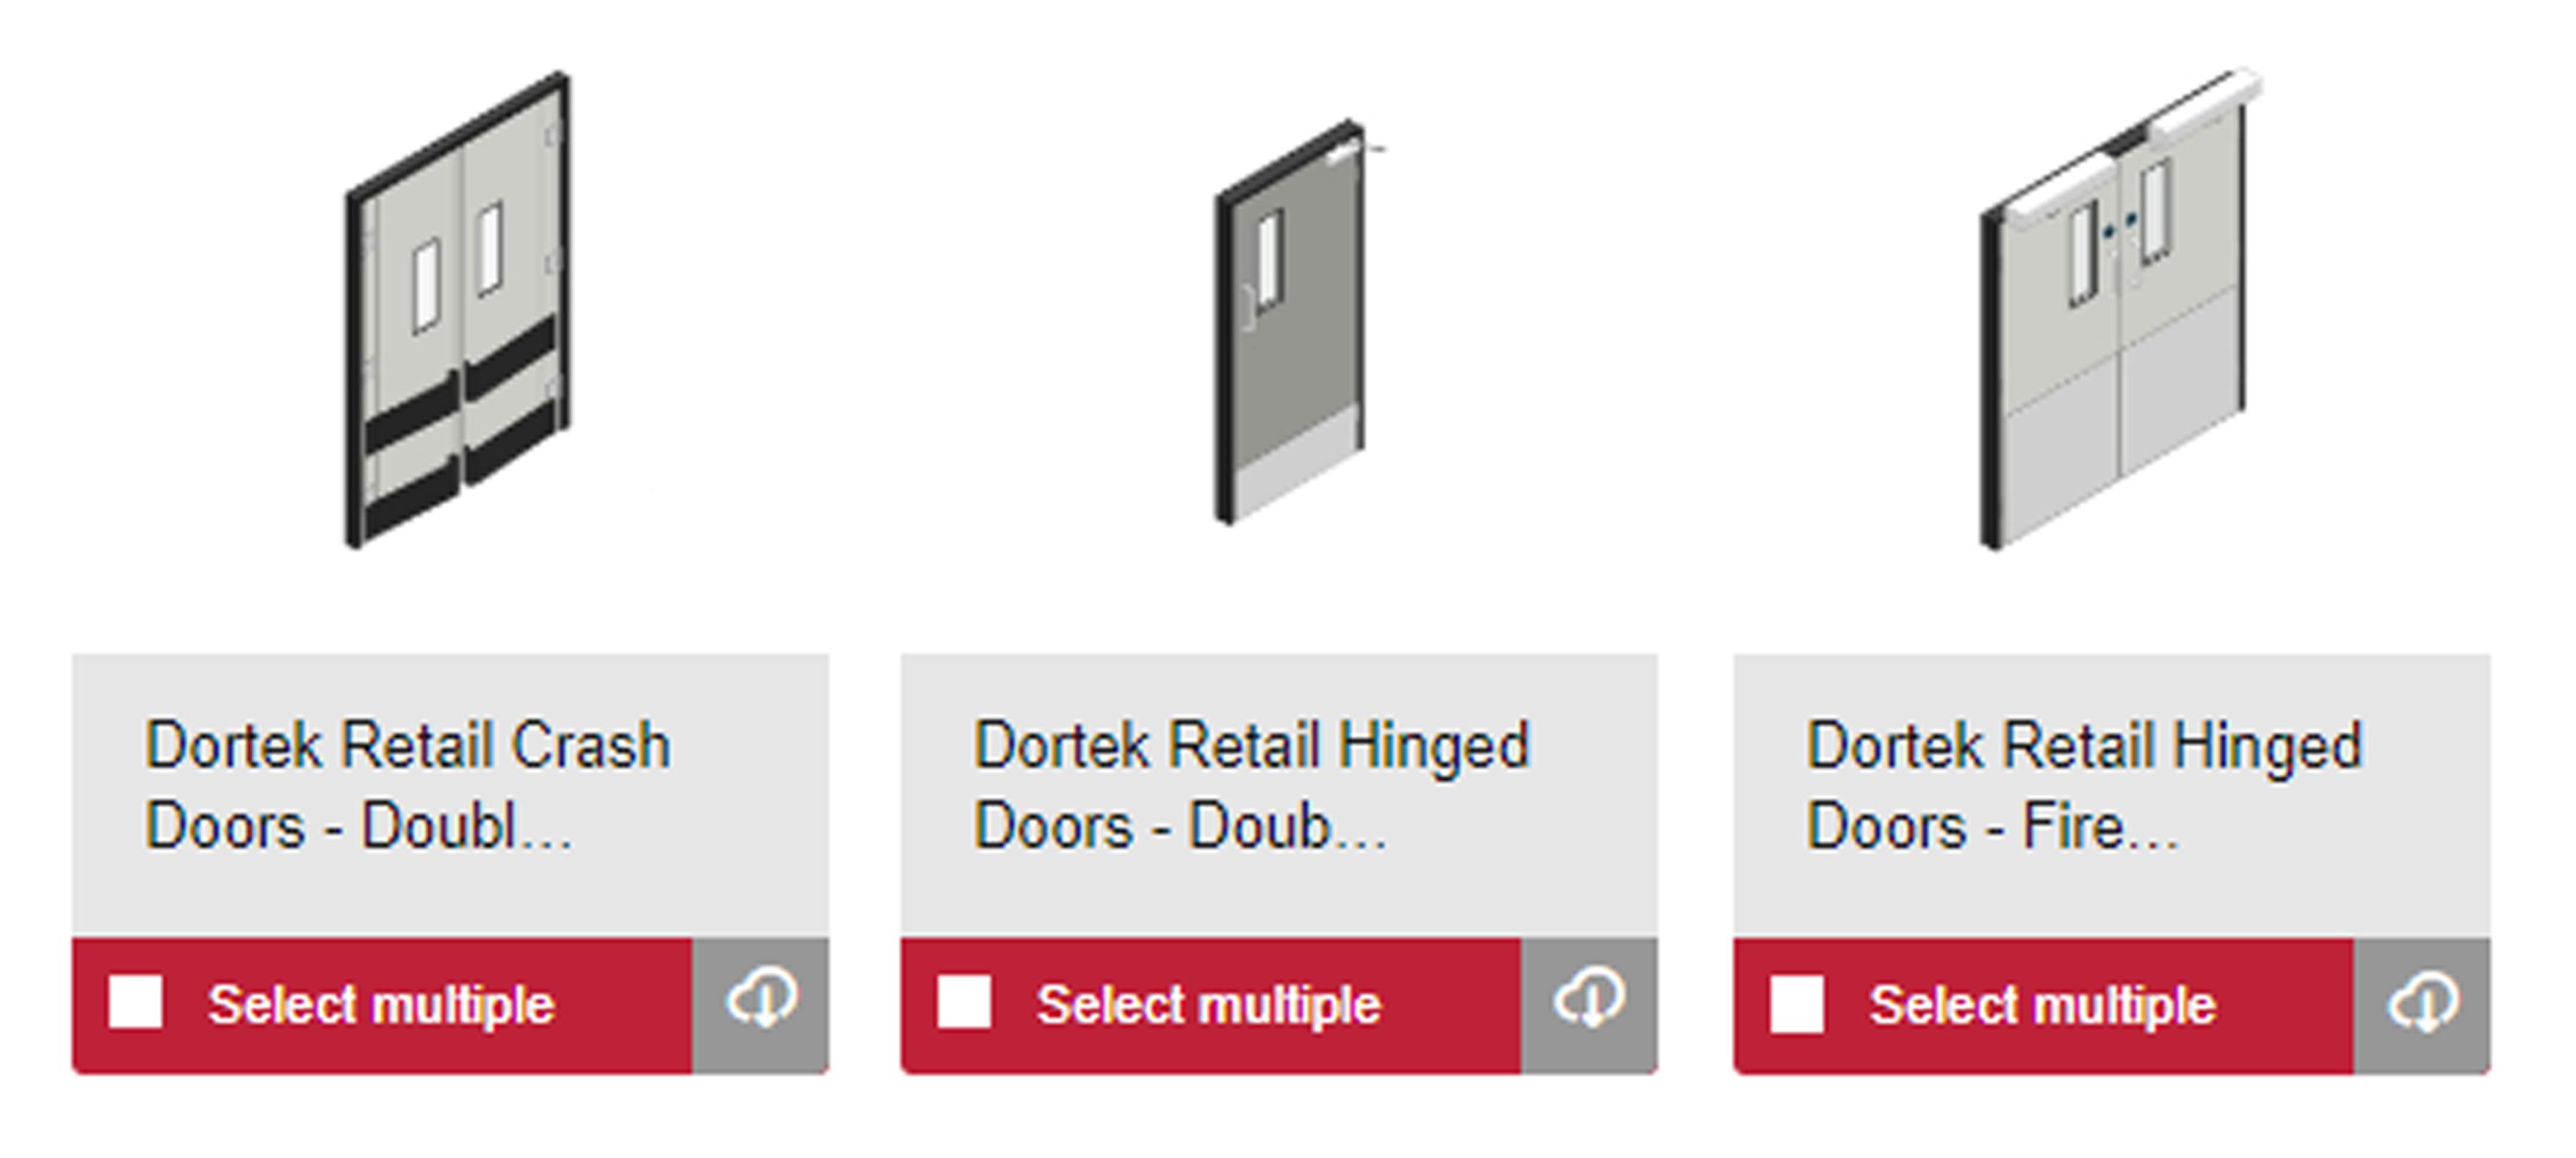 Dortek adds Retail Doors to its BIM objects